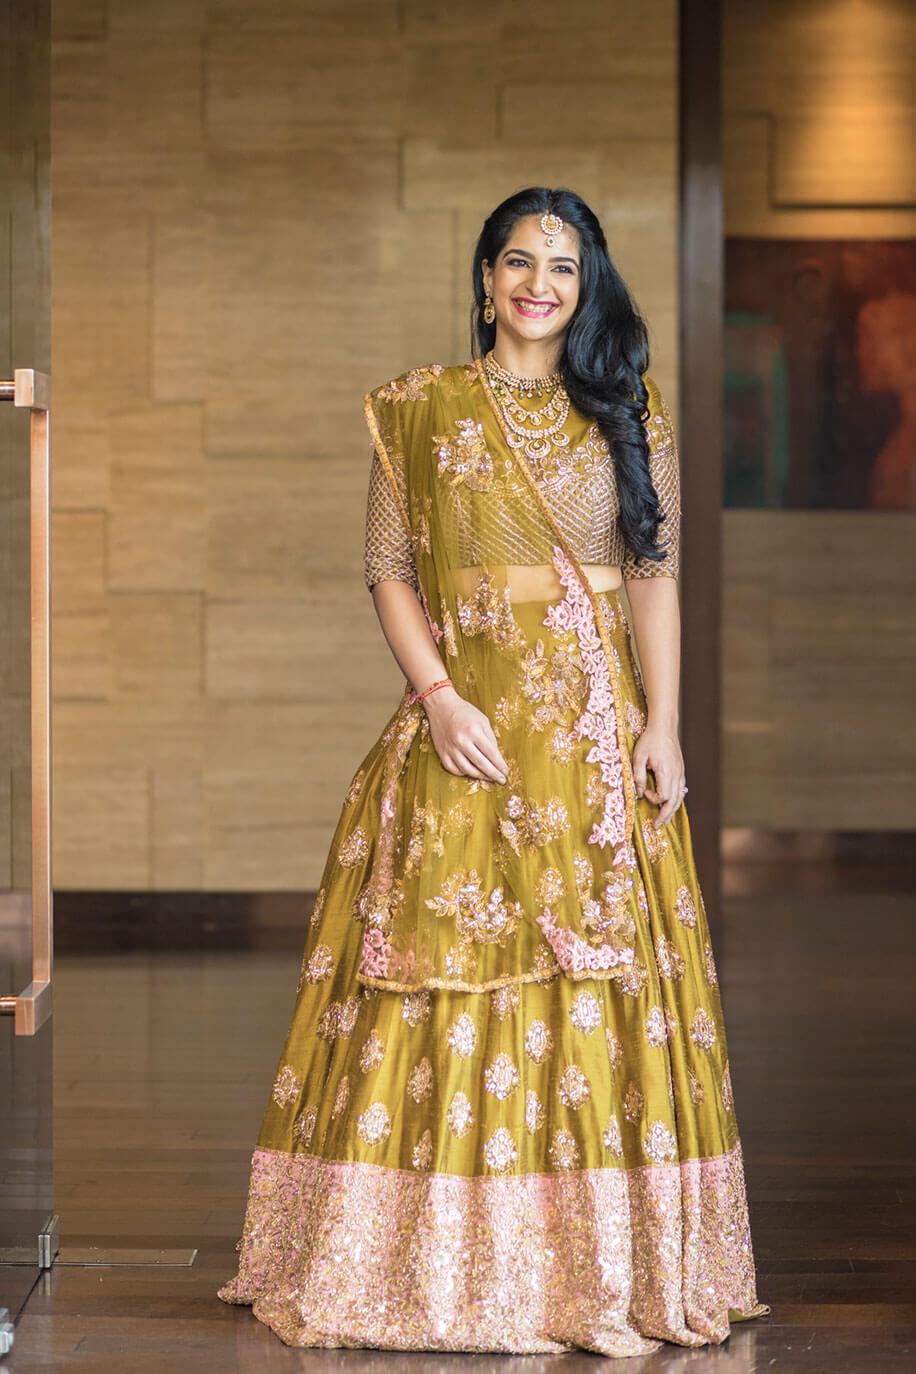 Malhotra Manish bridal lehanga 14 collection